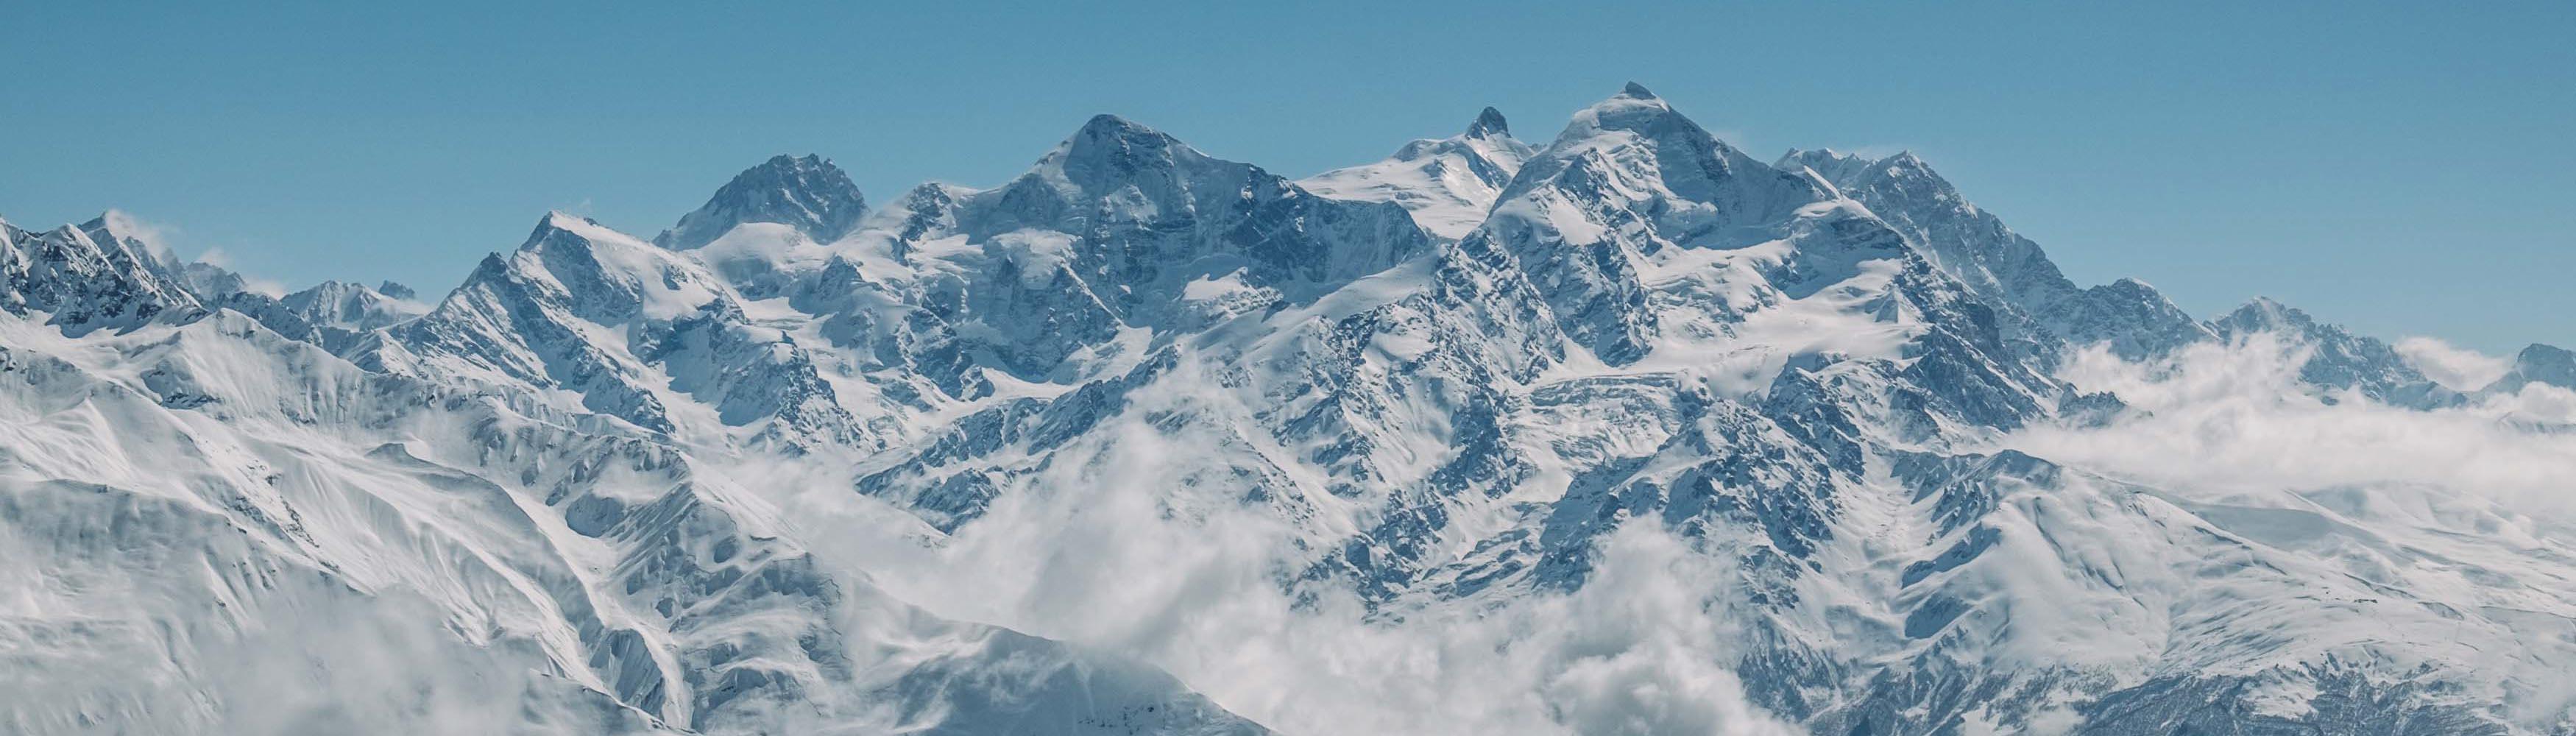 Skitouren Swanetien Georgien